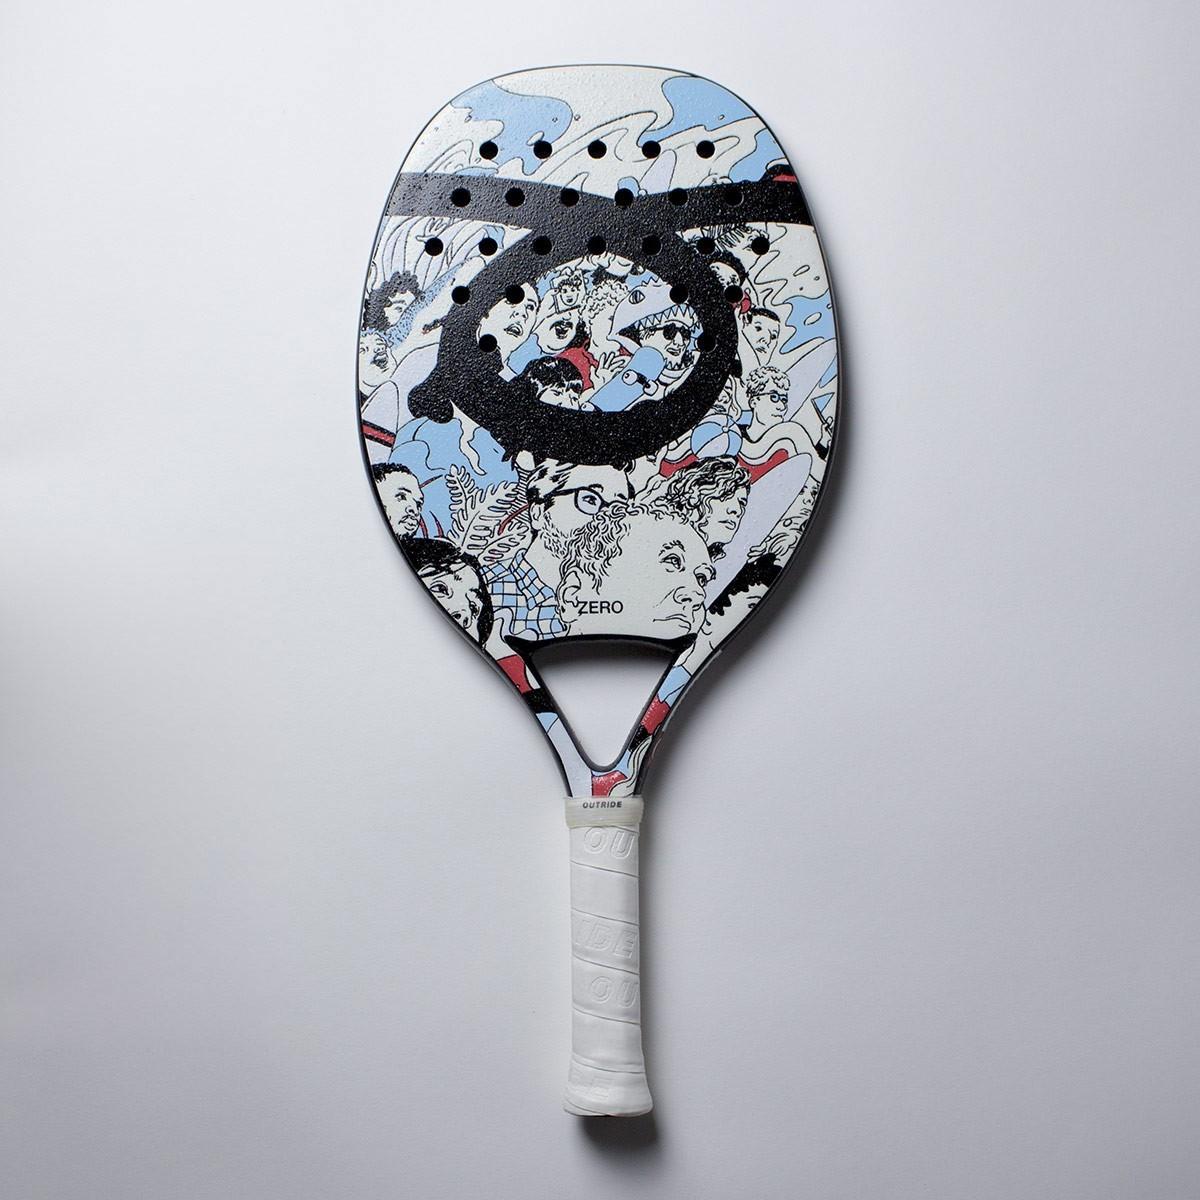 Raquete de Beach Tennis Outride Zero